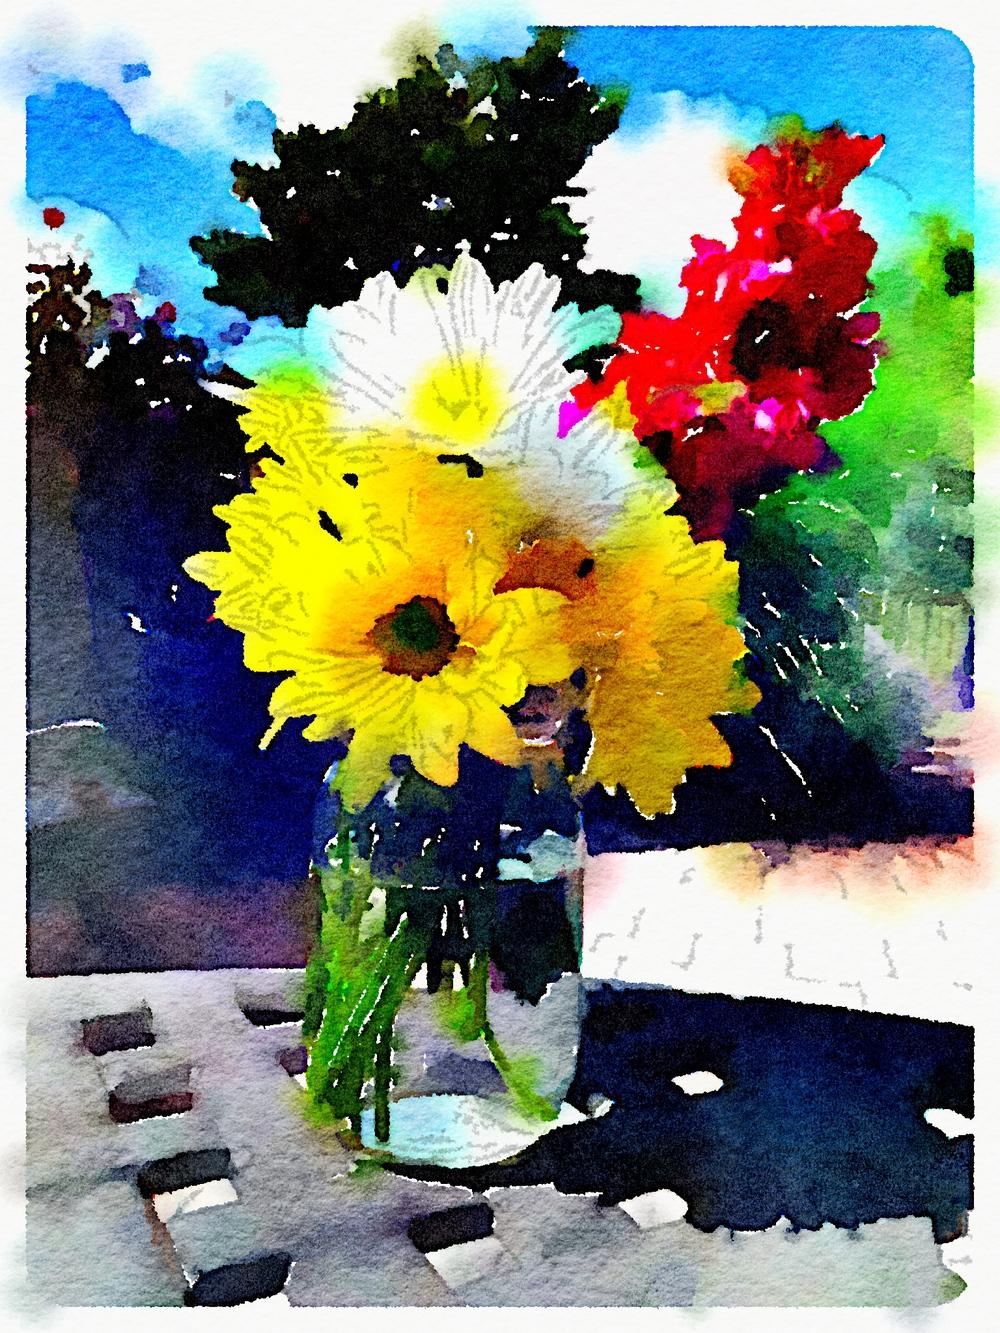 2014-08-28 13.20.22.jpg